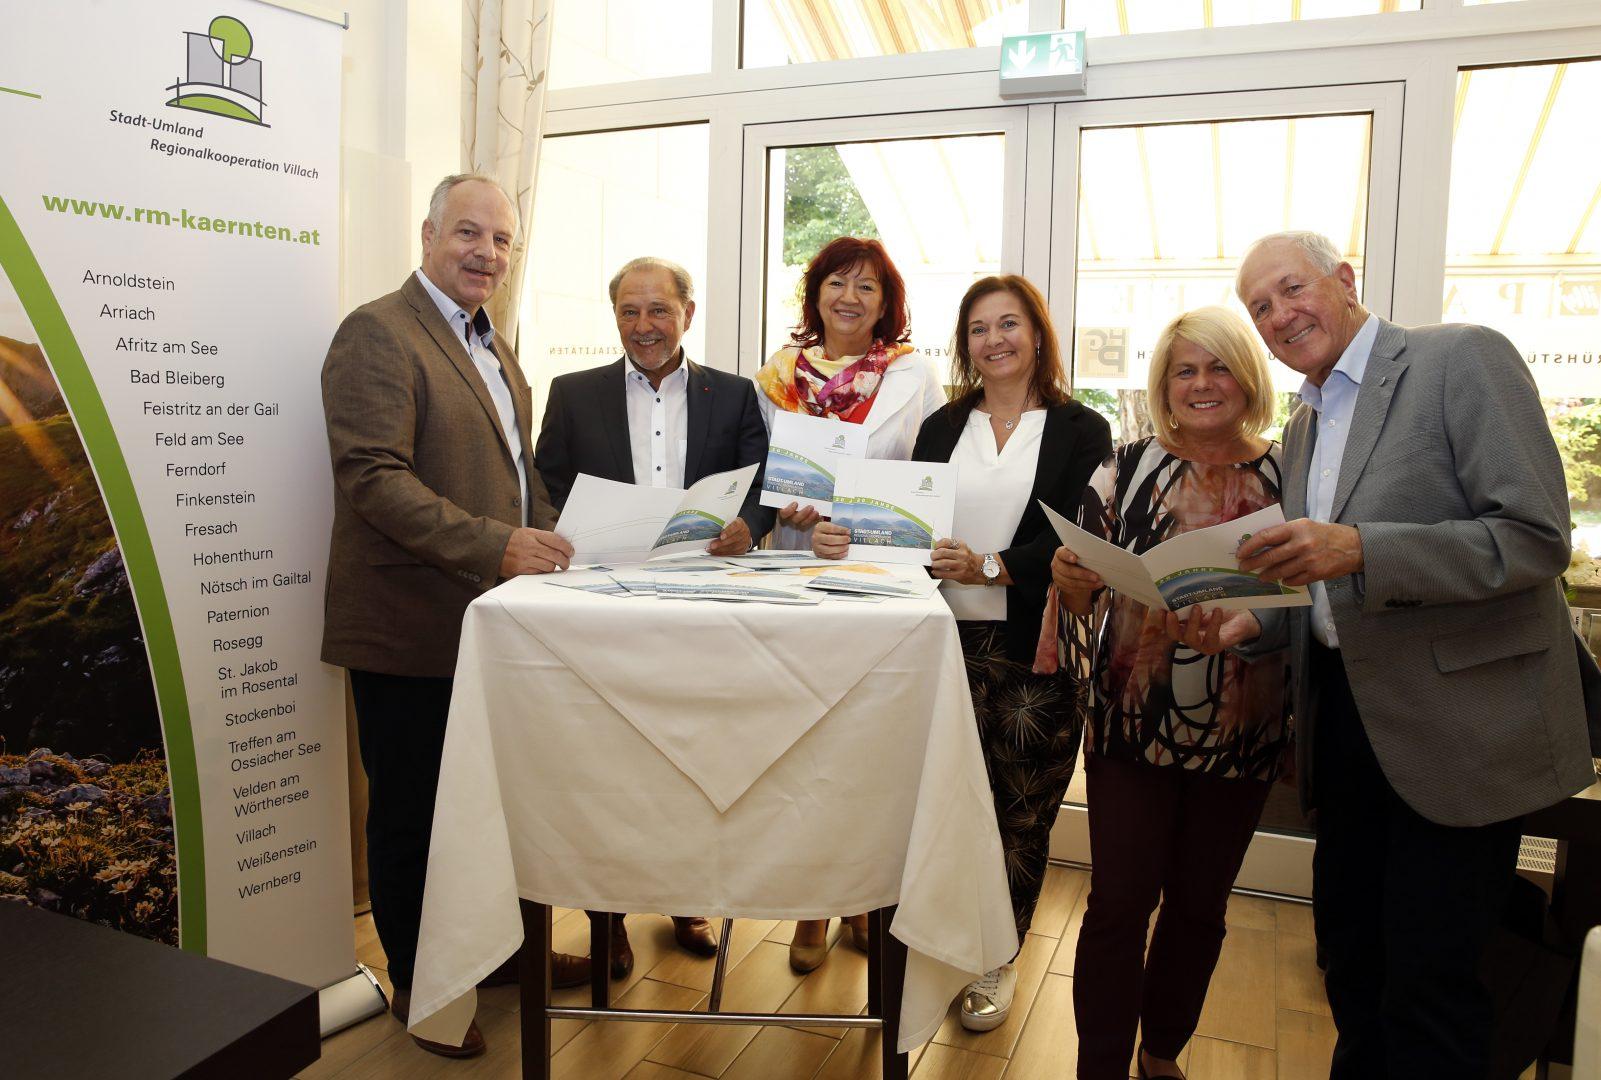 Pressekonferenz 20 Jahre Stadt-Umland Regionalkooperation